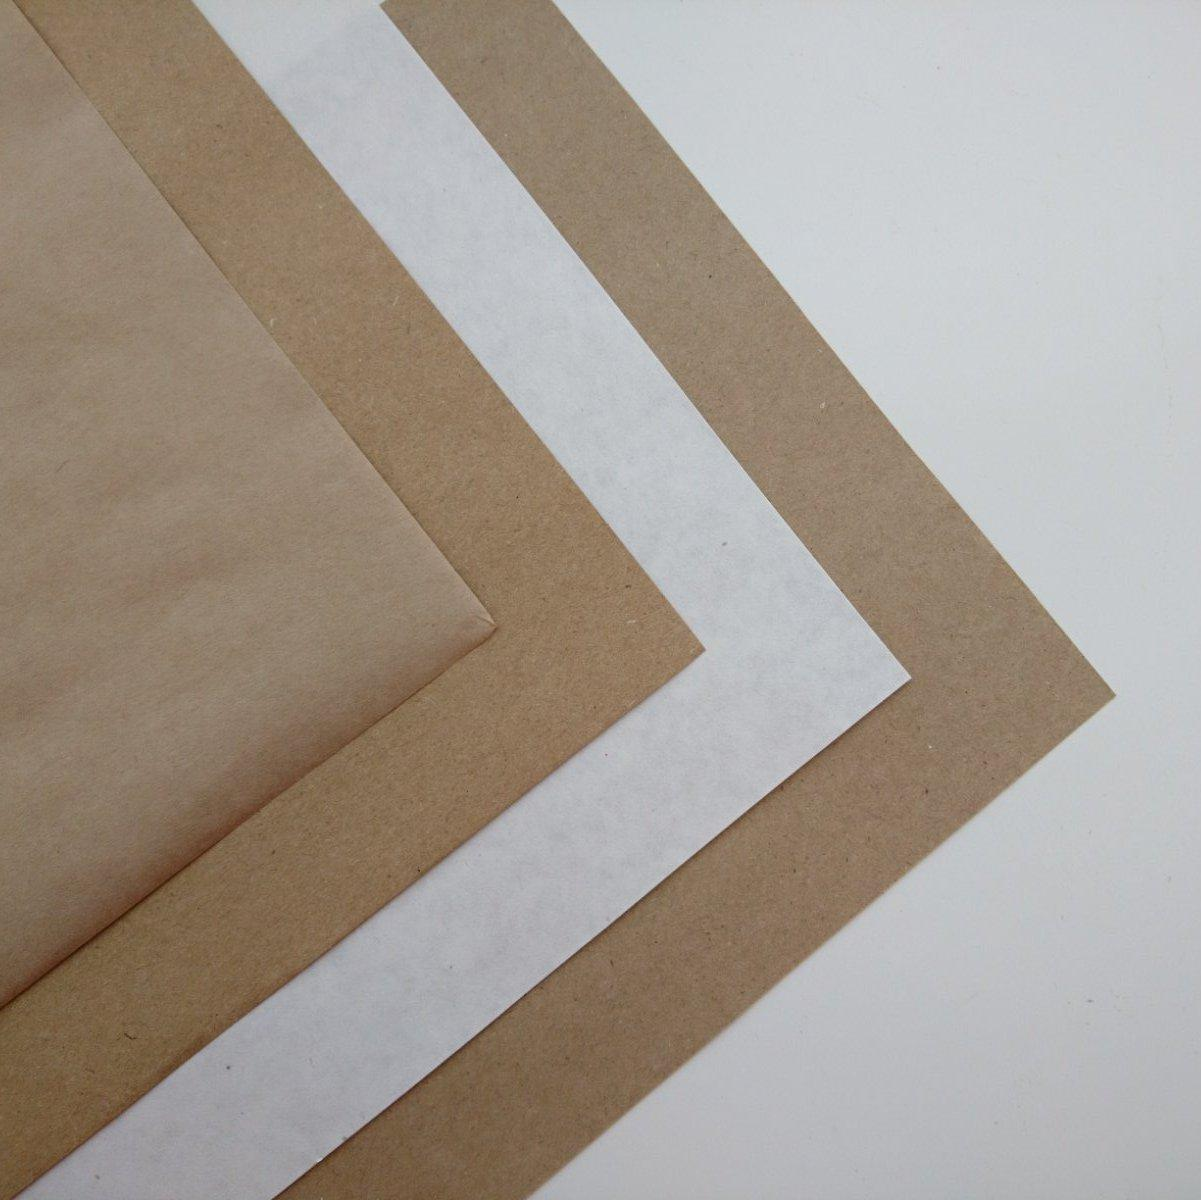 Крафт бумага А4, для печати, коричневая, белая, плотность 70 и 80 гр/кв.м Обычное, 70, Белый